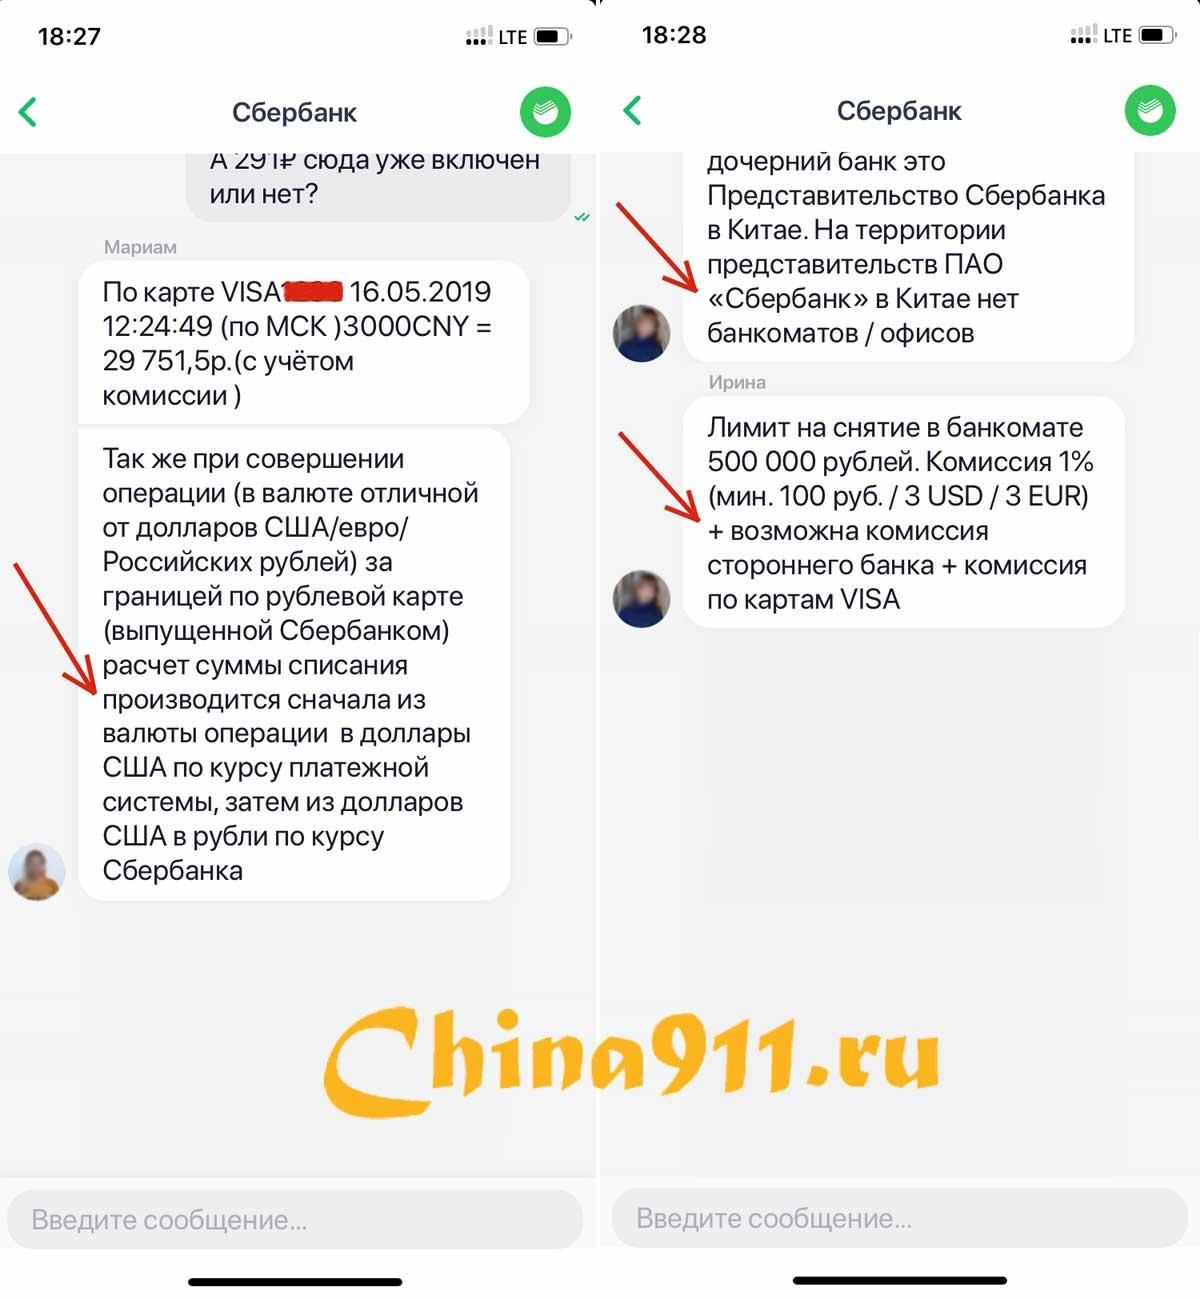 Карты Сбербанка в Китае